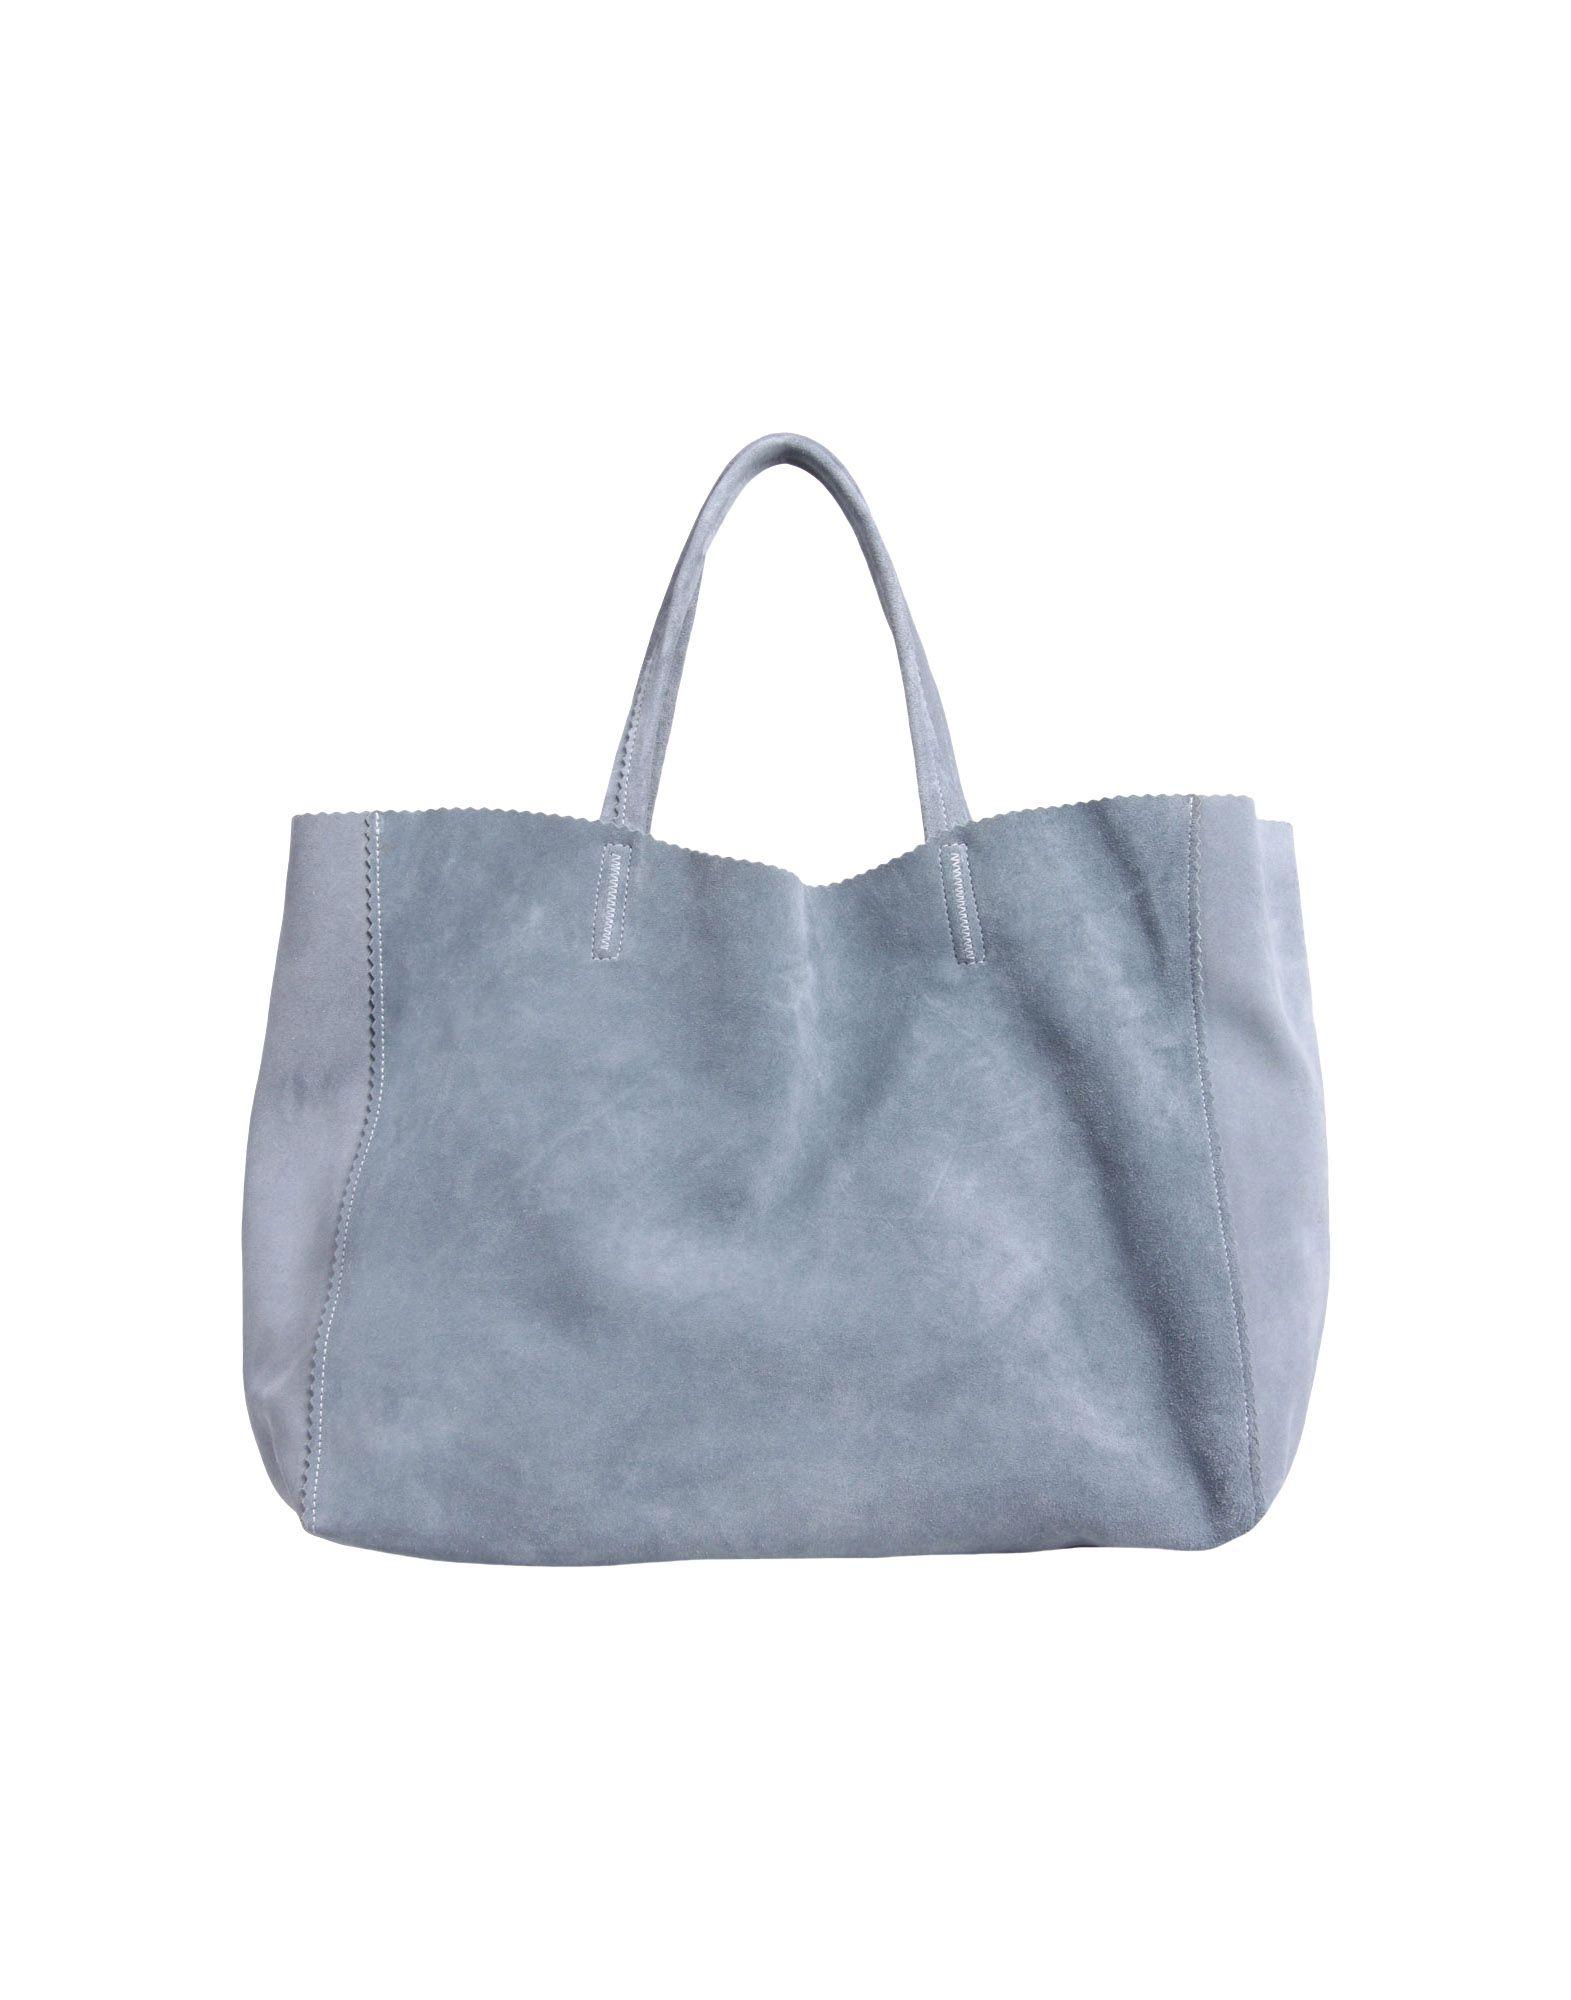 Giorgio Armani Large Leather Bag in Blue (Slate blue)